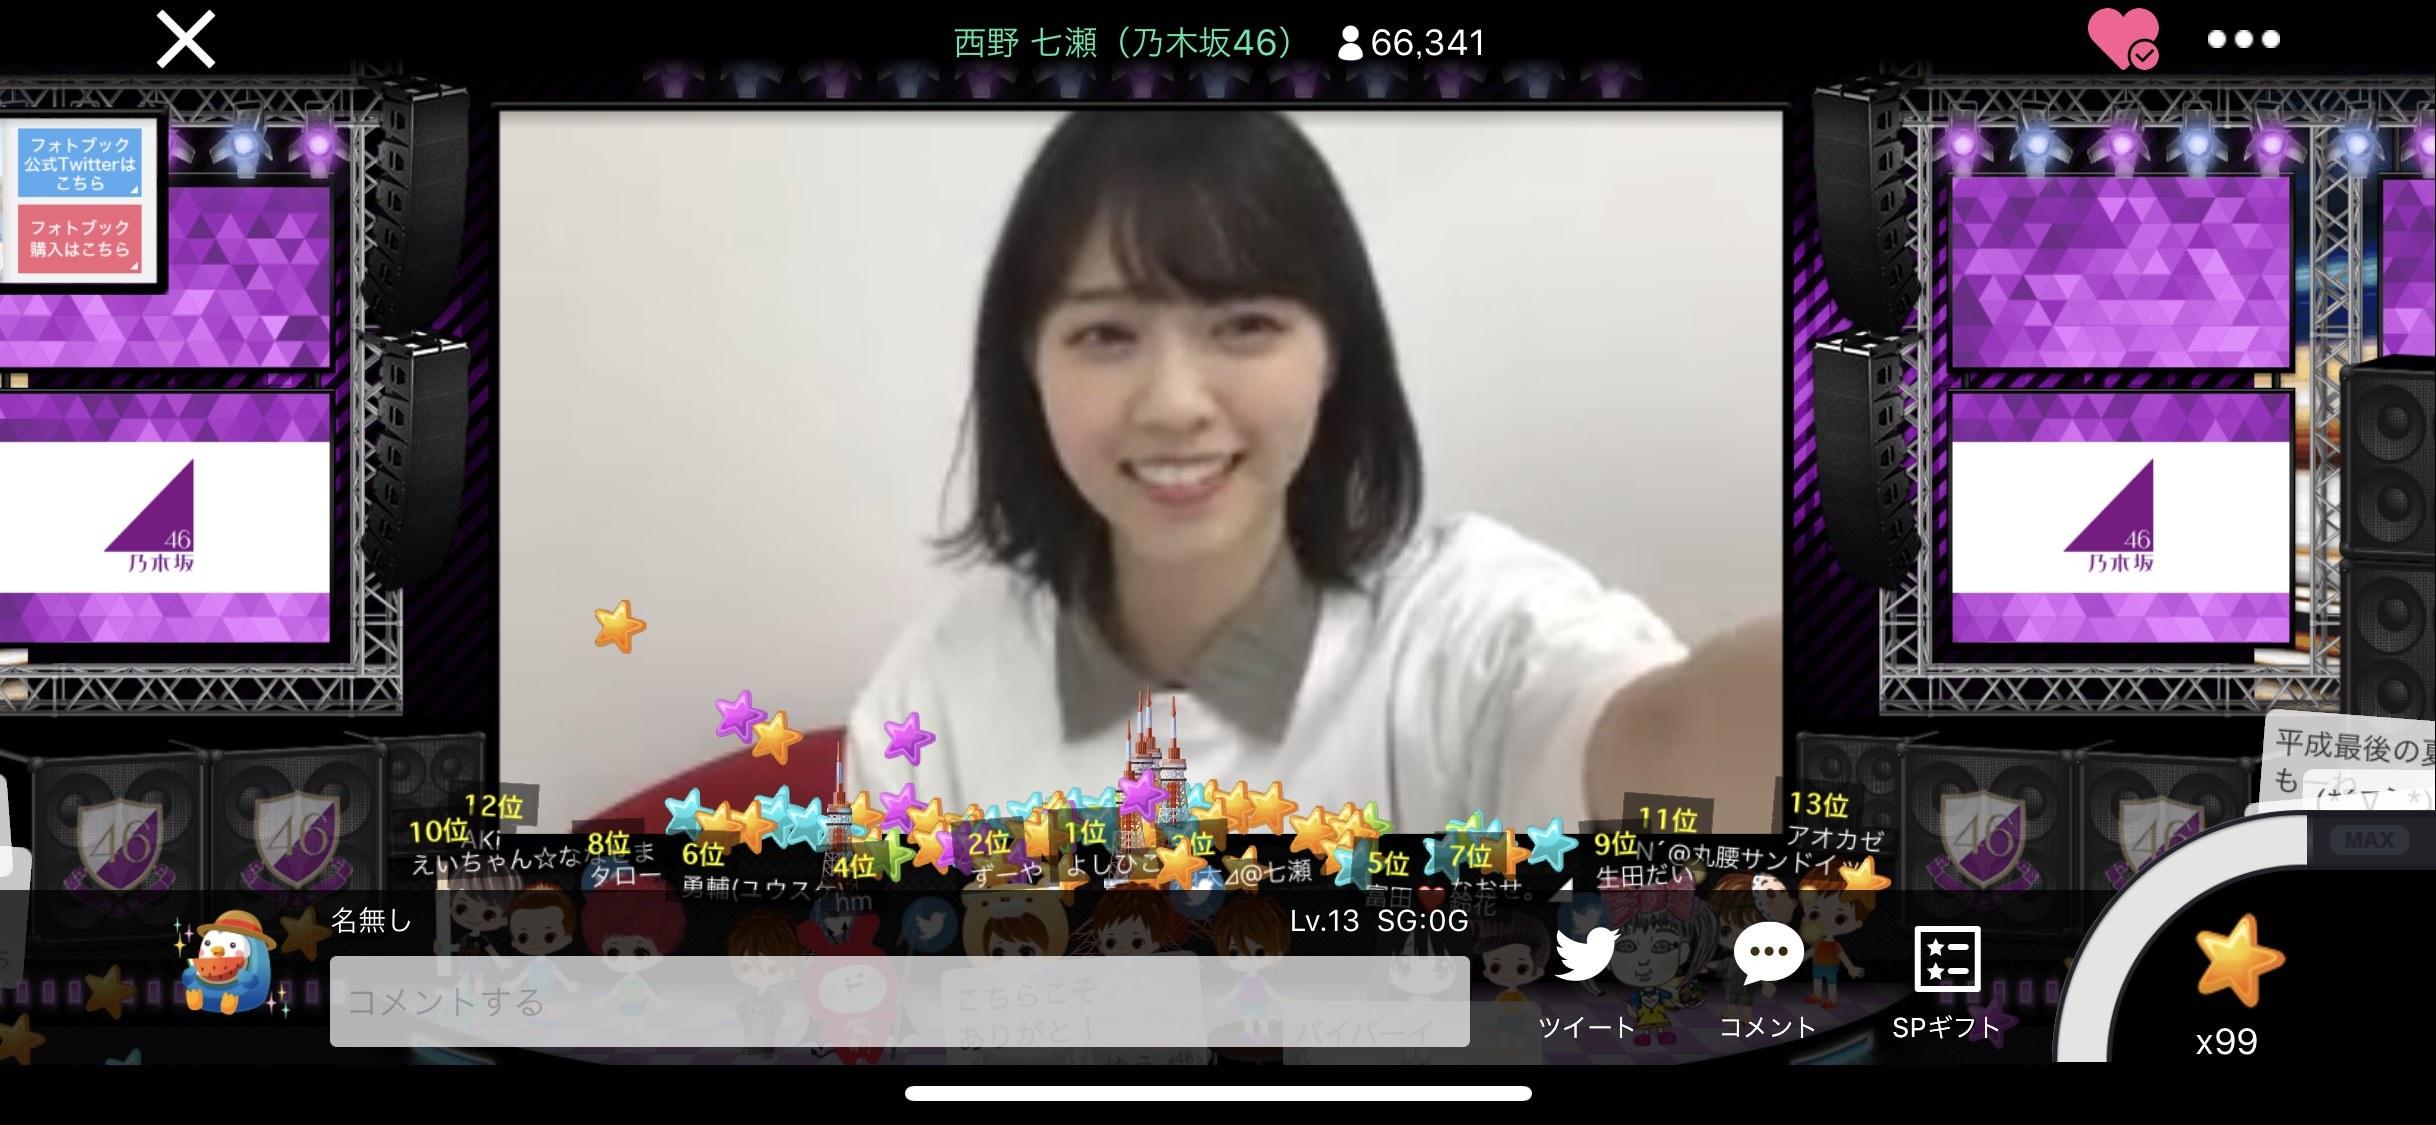 西野七瀬「のぎおび⊿」視聴者数6.7万人